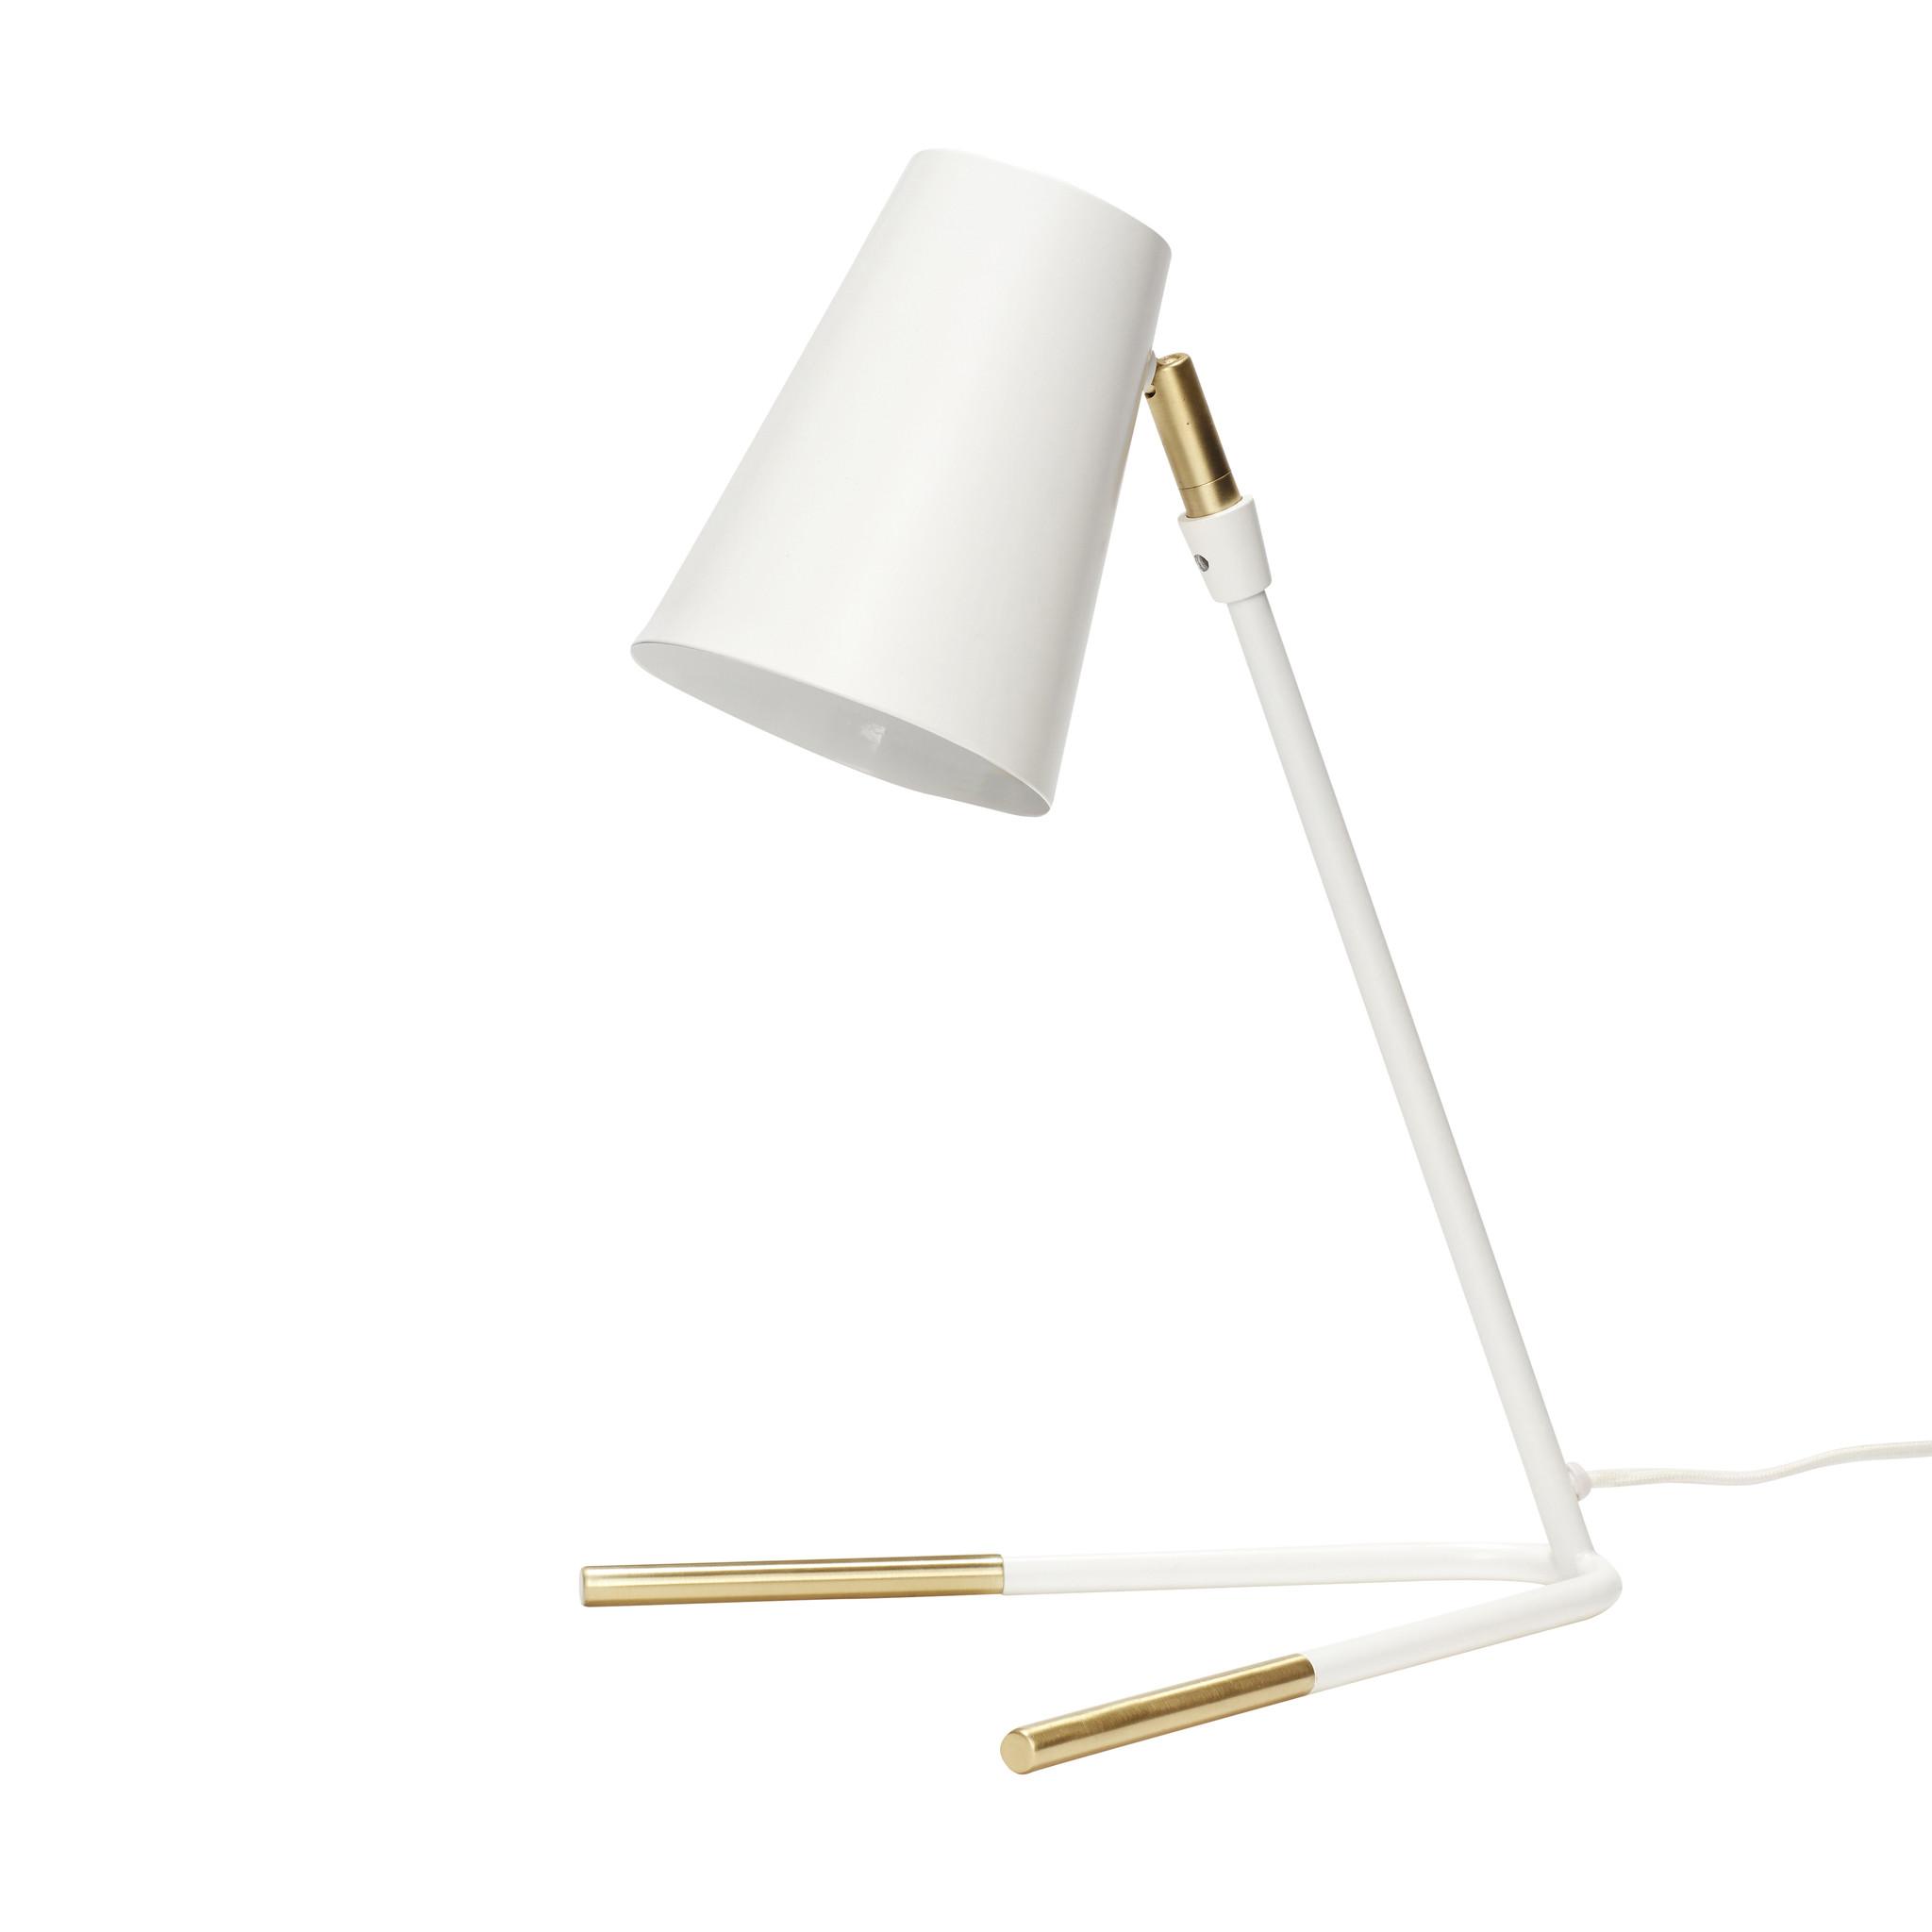 Hubsch Tafellamp, metaal, wit / messing-370409-5712772058688